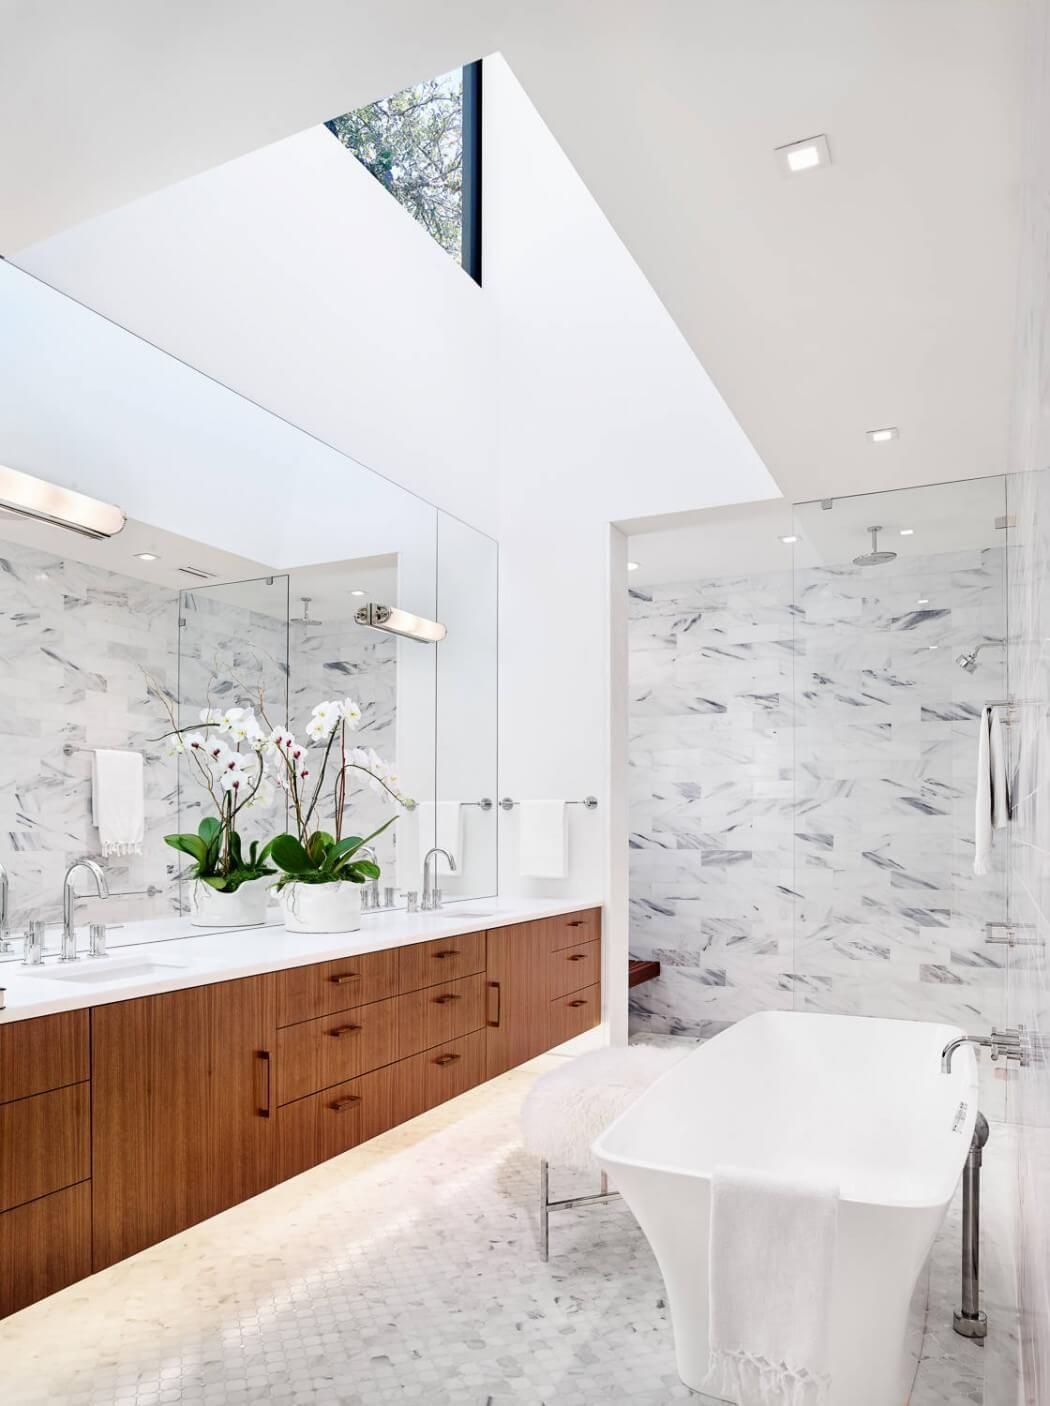 Kaninchen, innenräume and badezimmer on pinterest